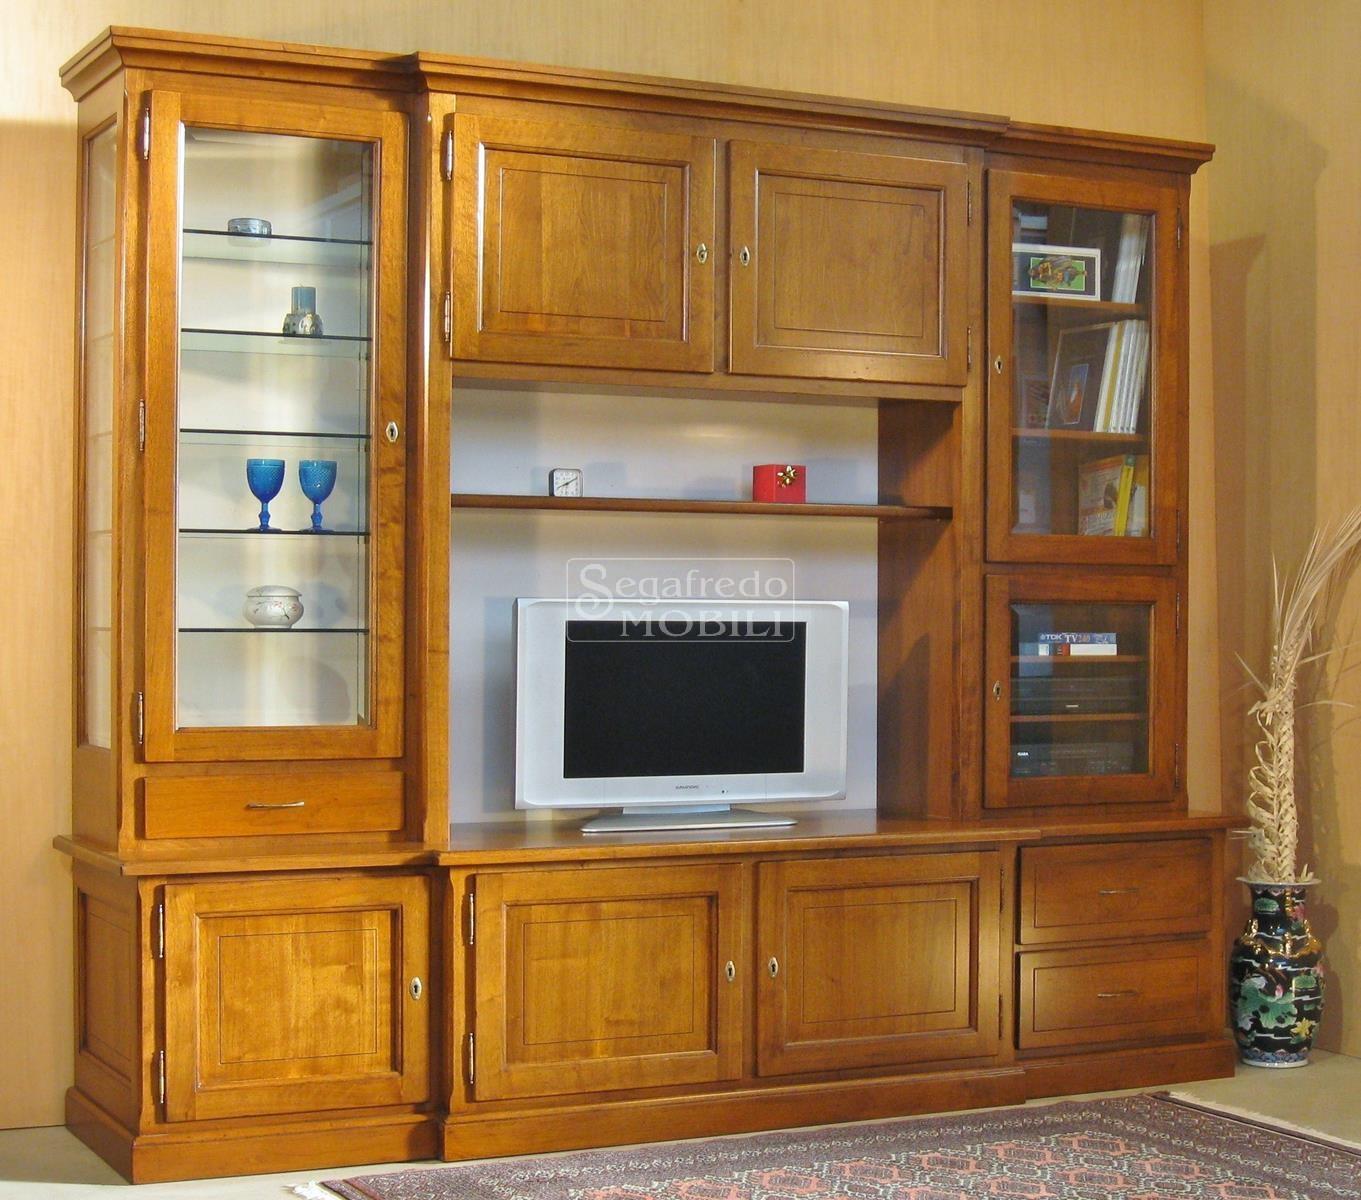 Mobile a parete su misura per soggiorno in legno massello - Mobili soggiorno legno massello ...